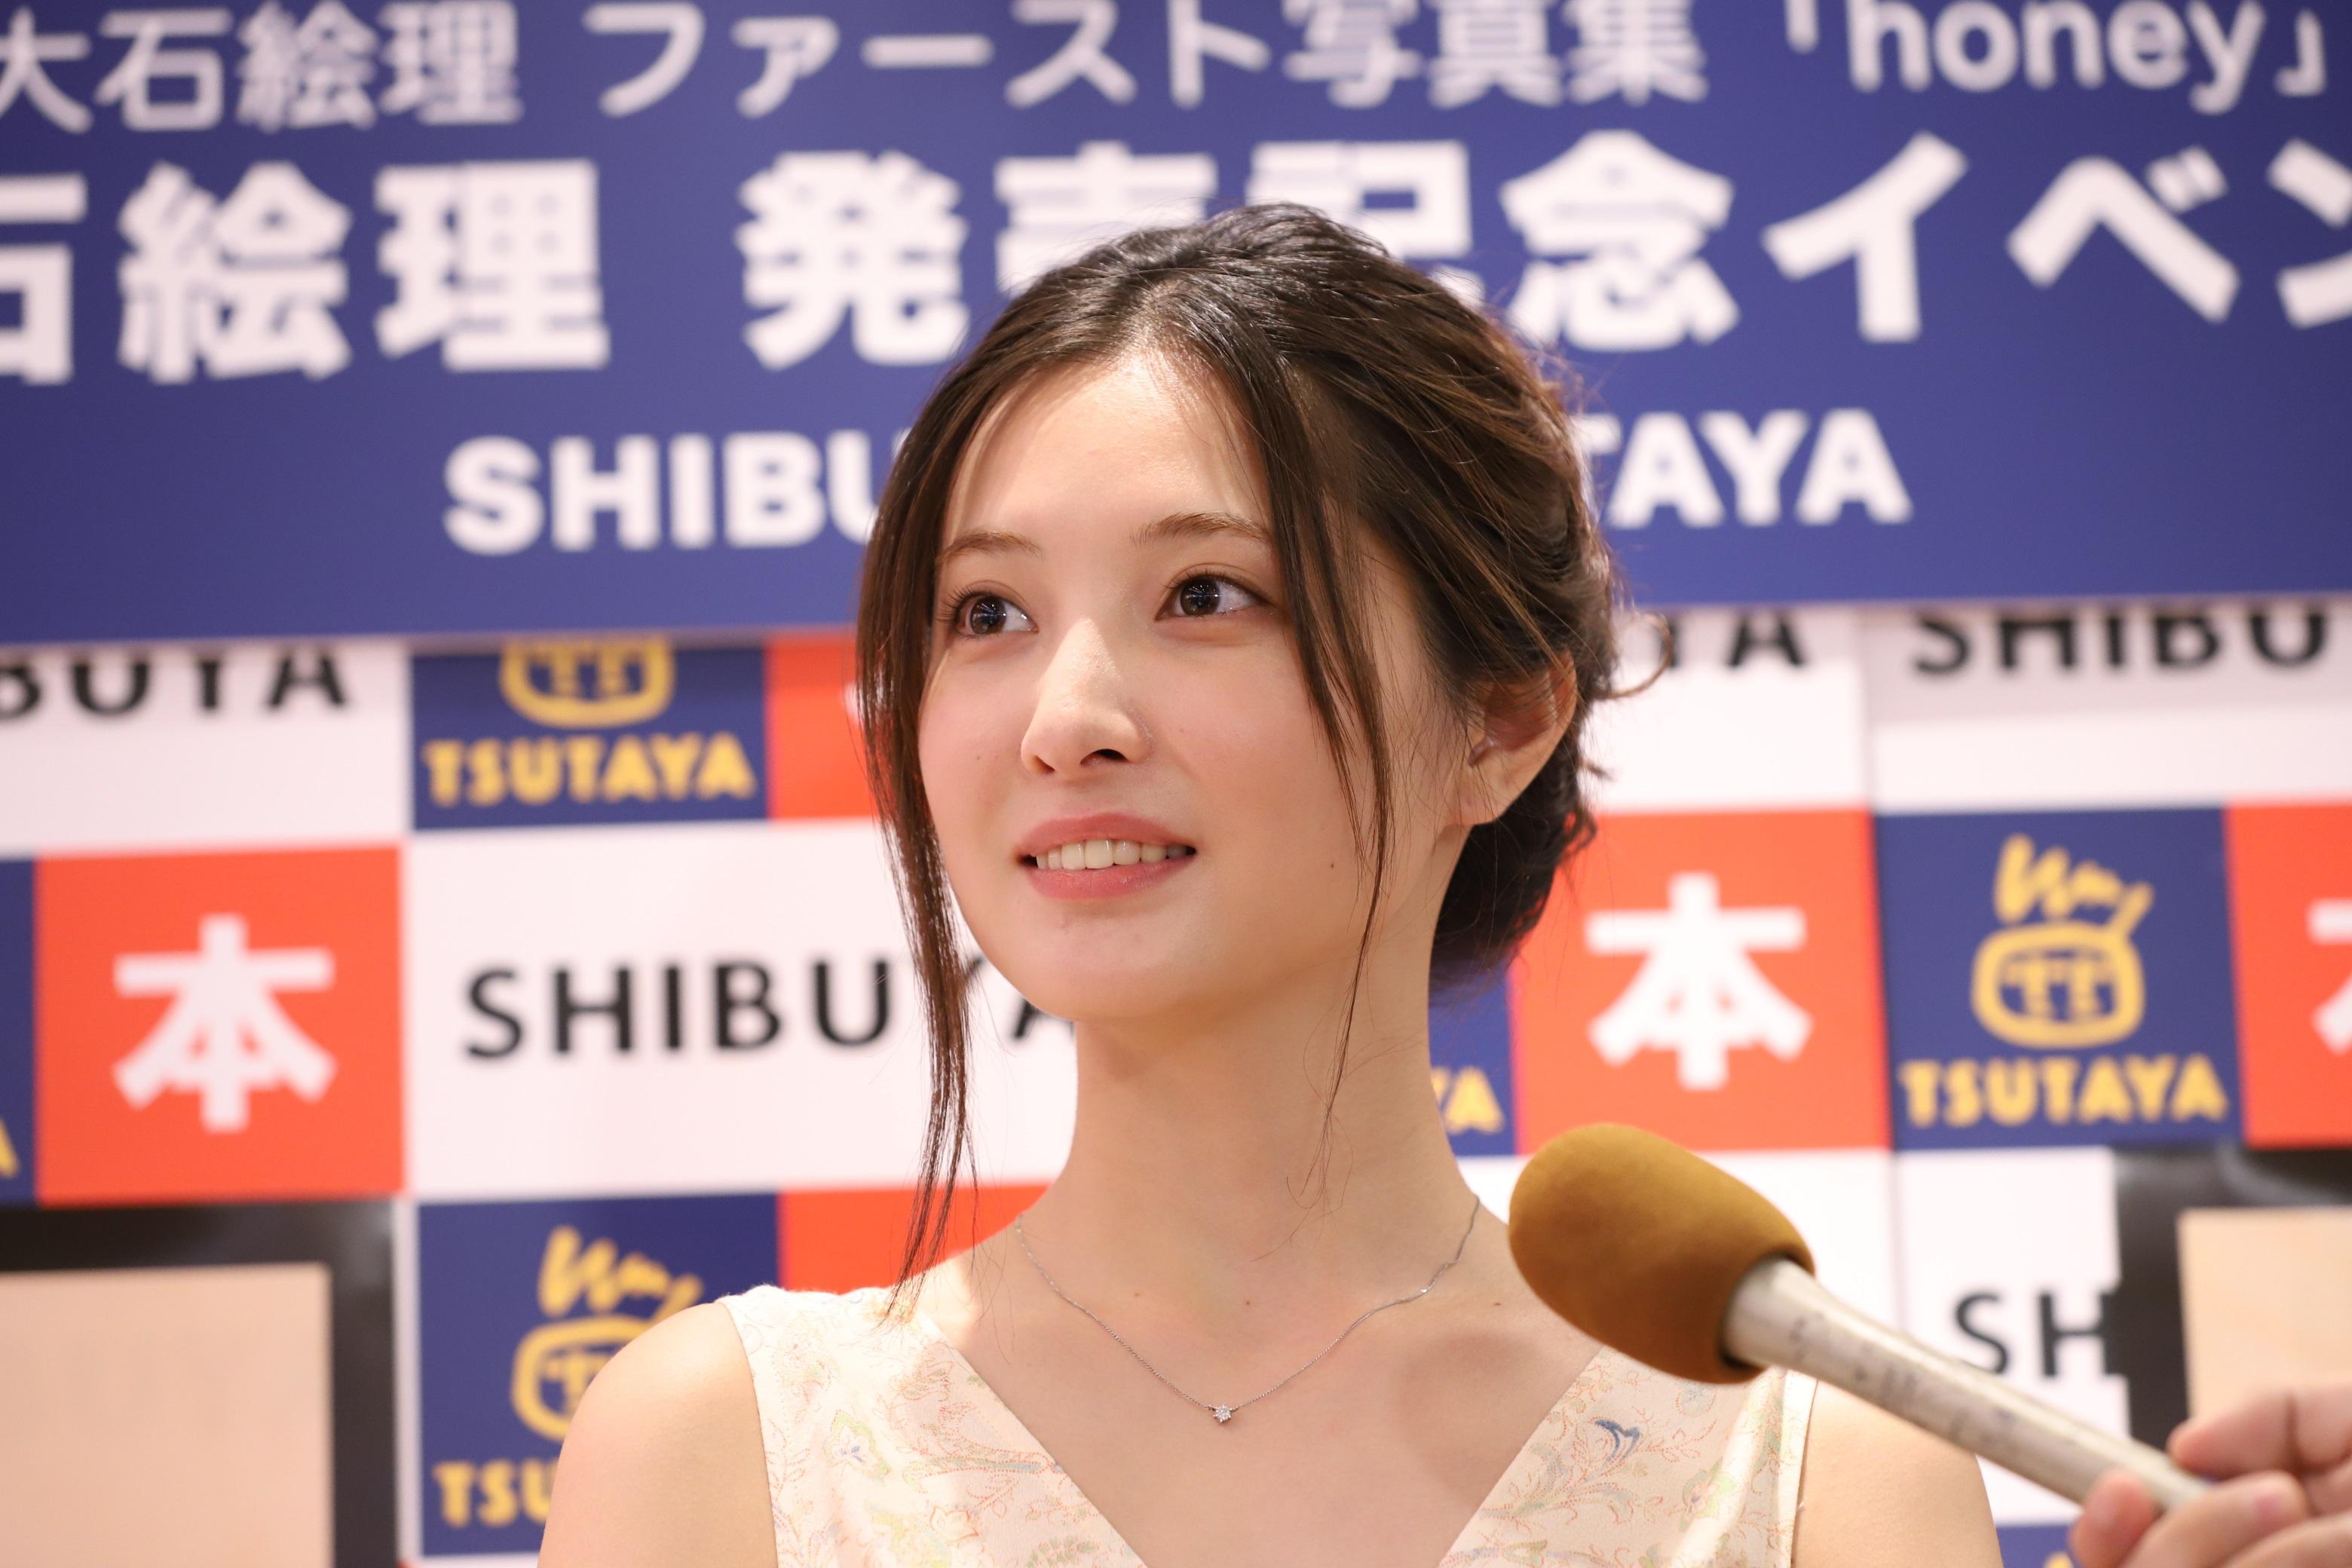 大石絵理/9月29日、SHIBUYA TSUTAYAにて開催の、ファースト写真集「honey」(東京ニュース通信社刊)発売記念イベントにて。